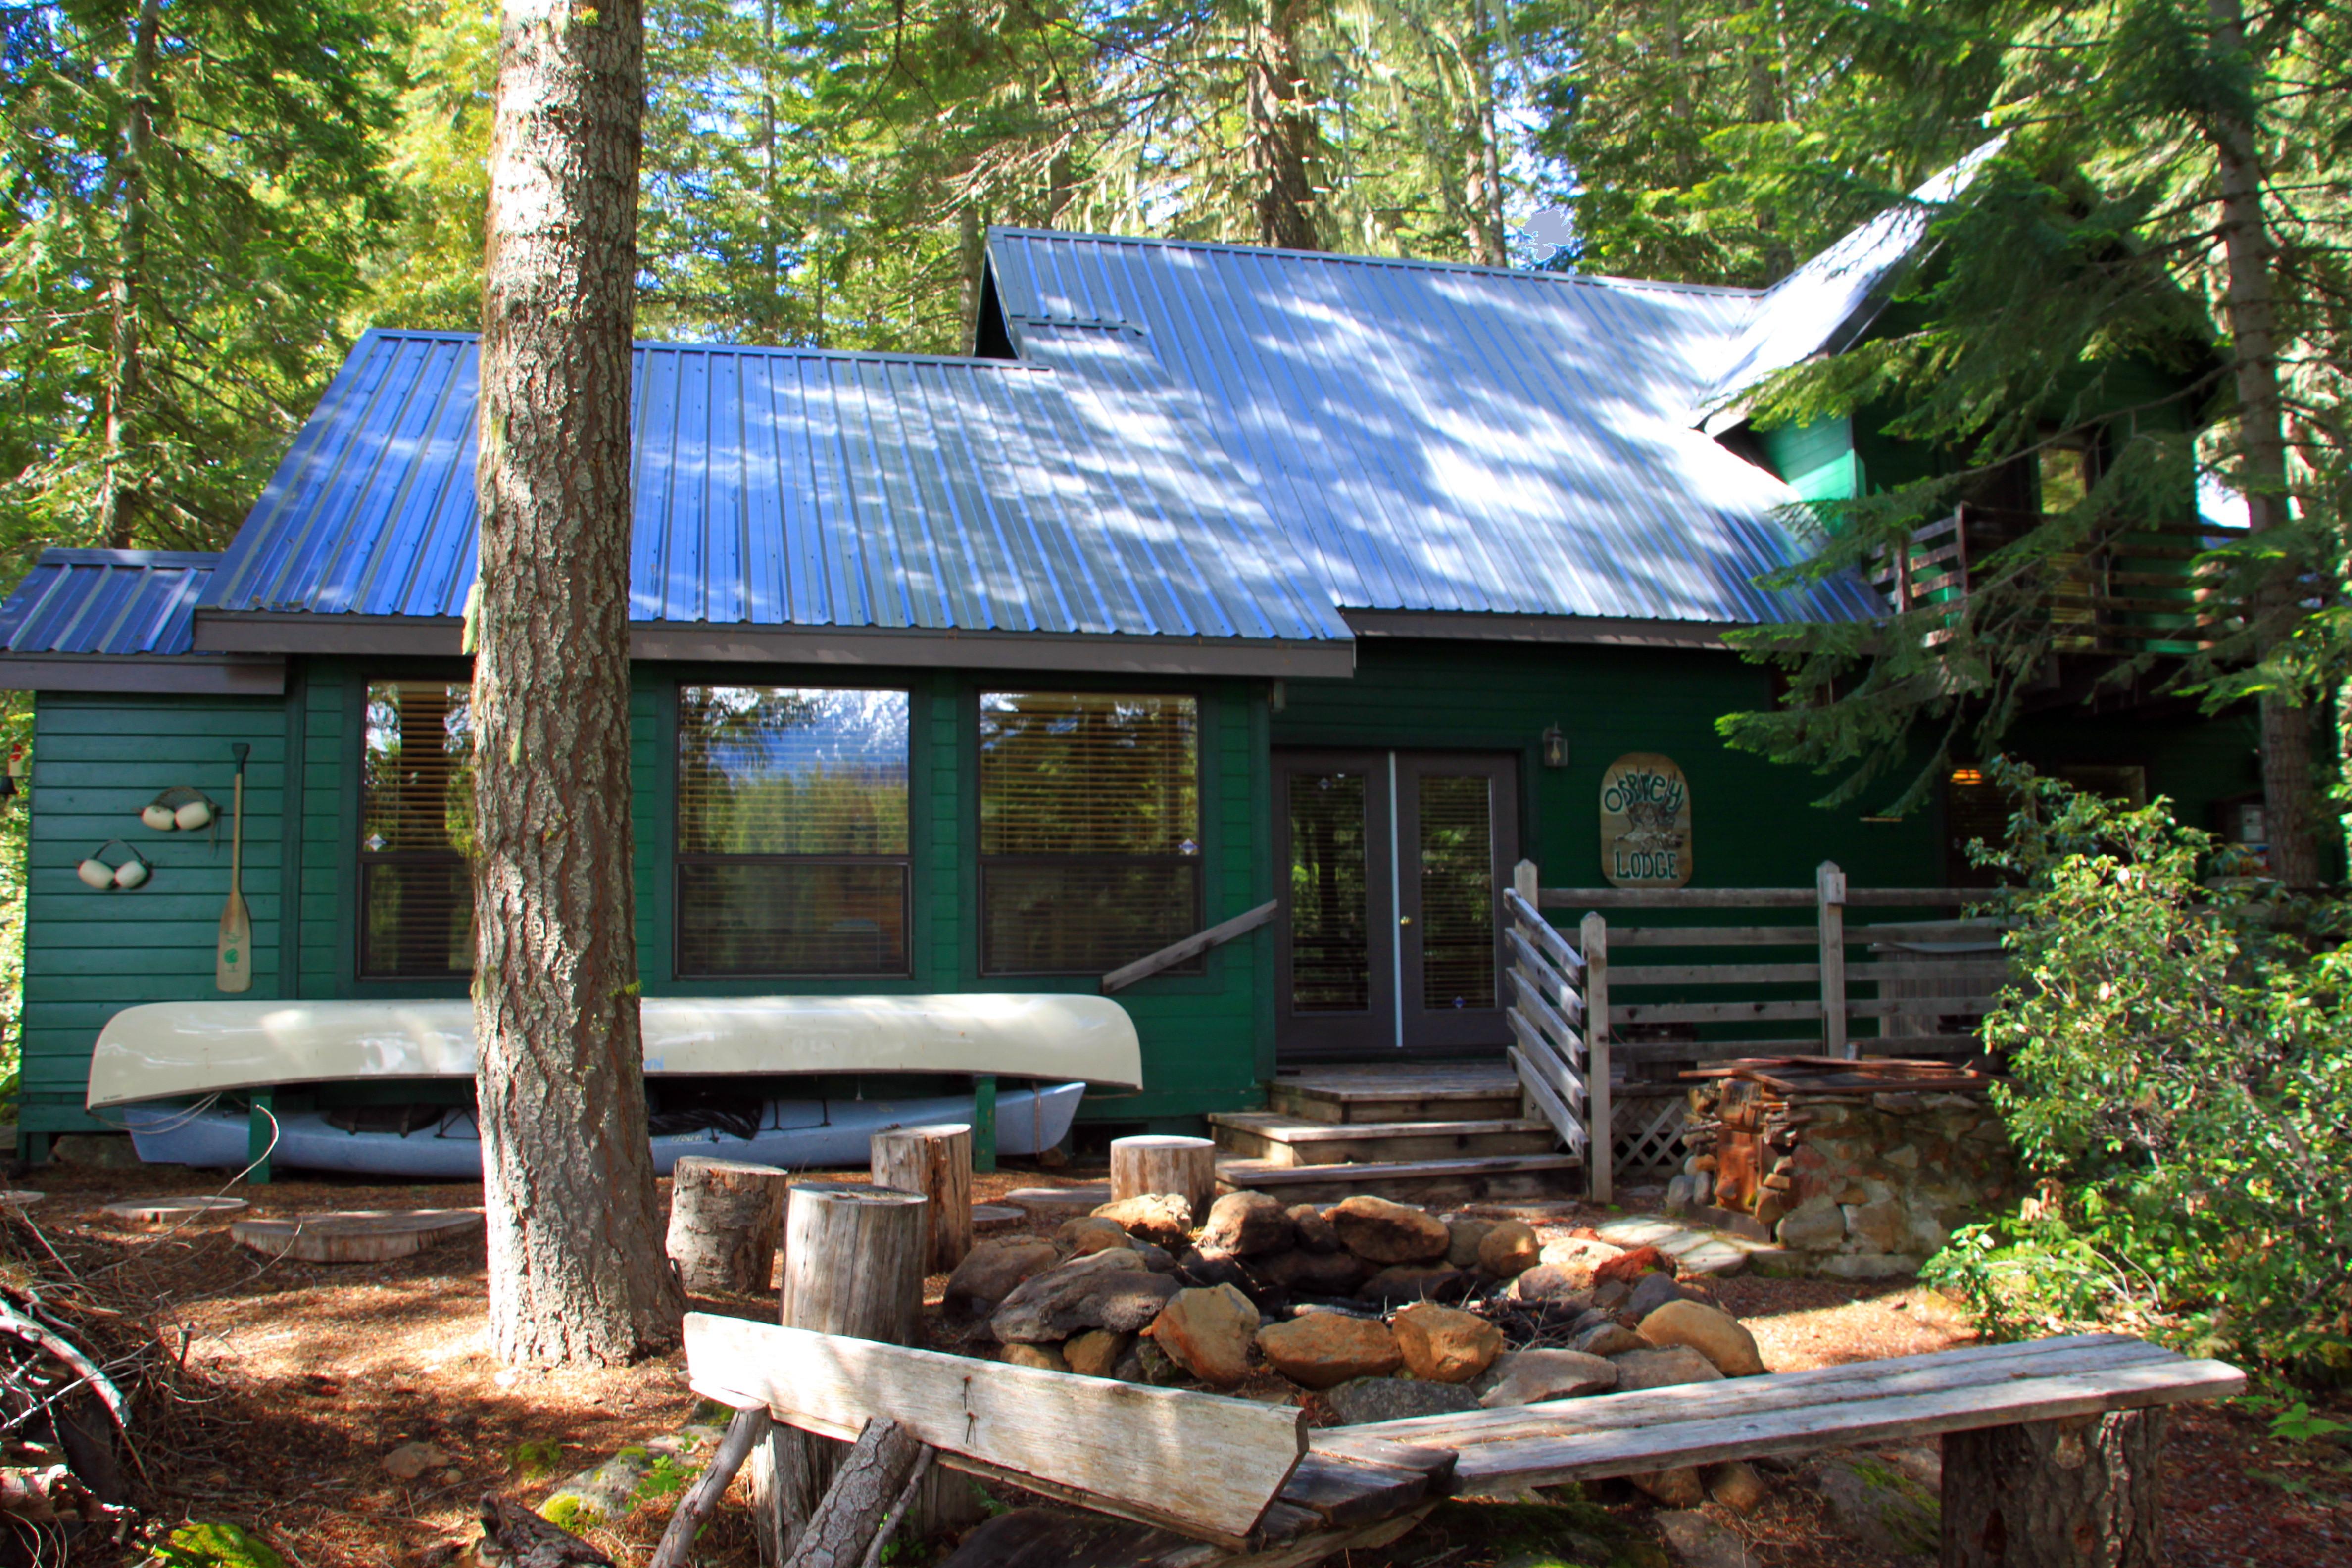 Fish lake oregon cabin for sale h4 landline real estate llc for Fish real estate